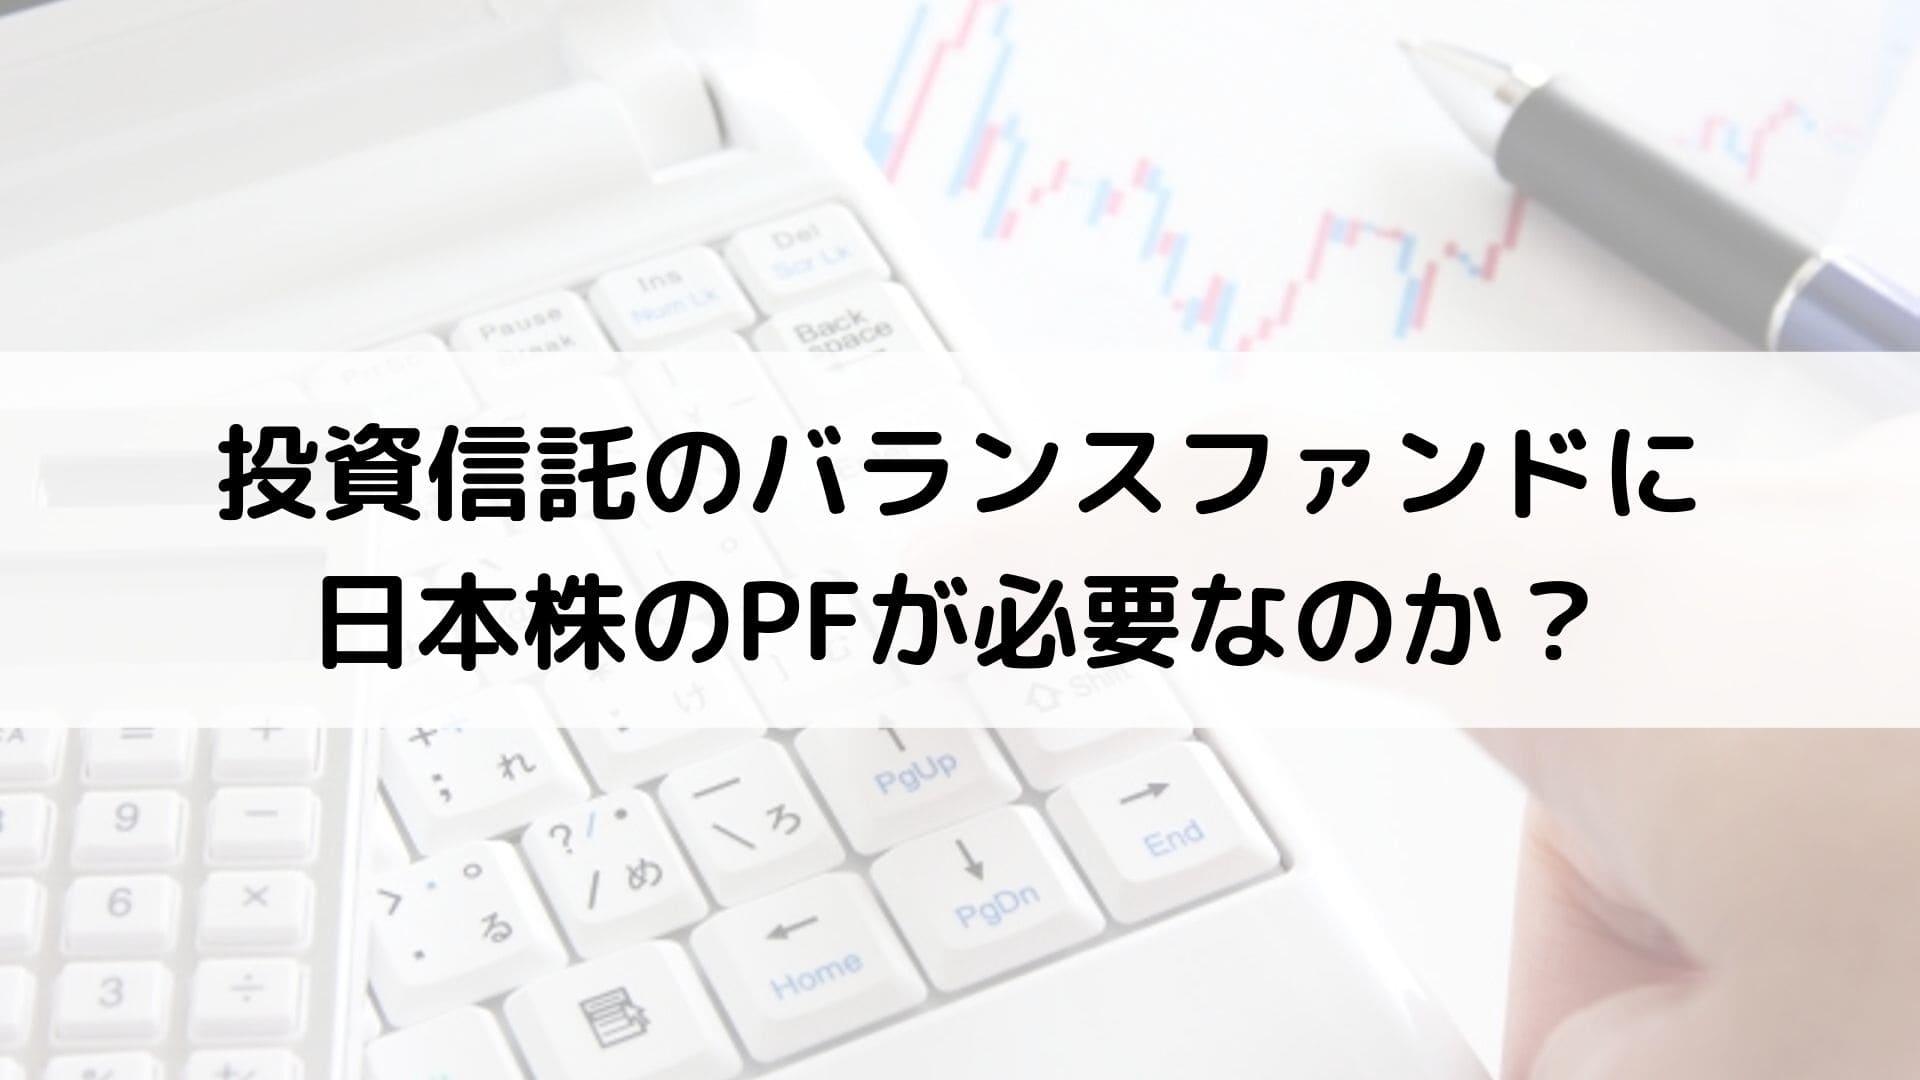 バランスファンドに日本株のポートフォリオは必要?